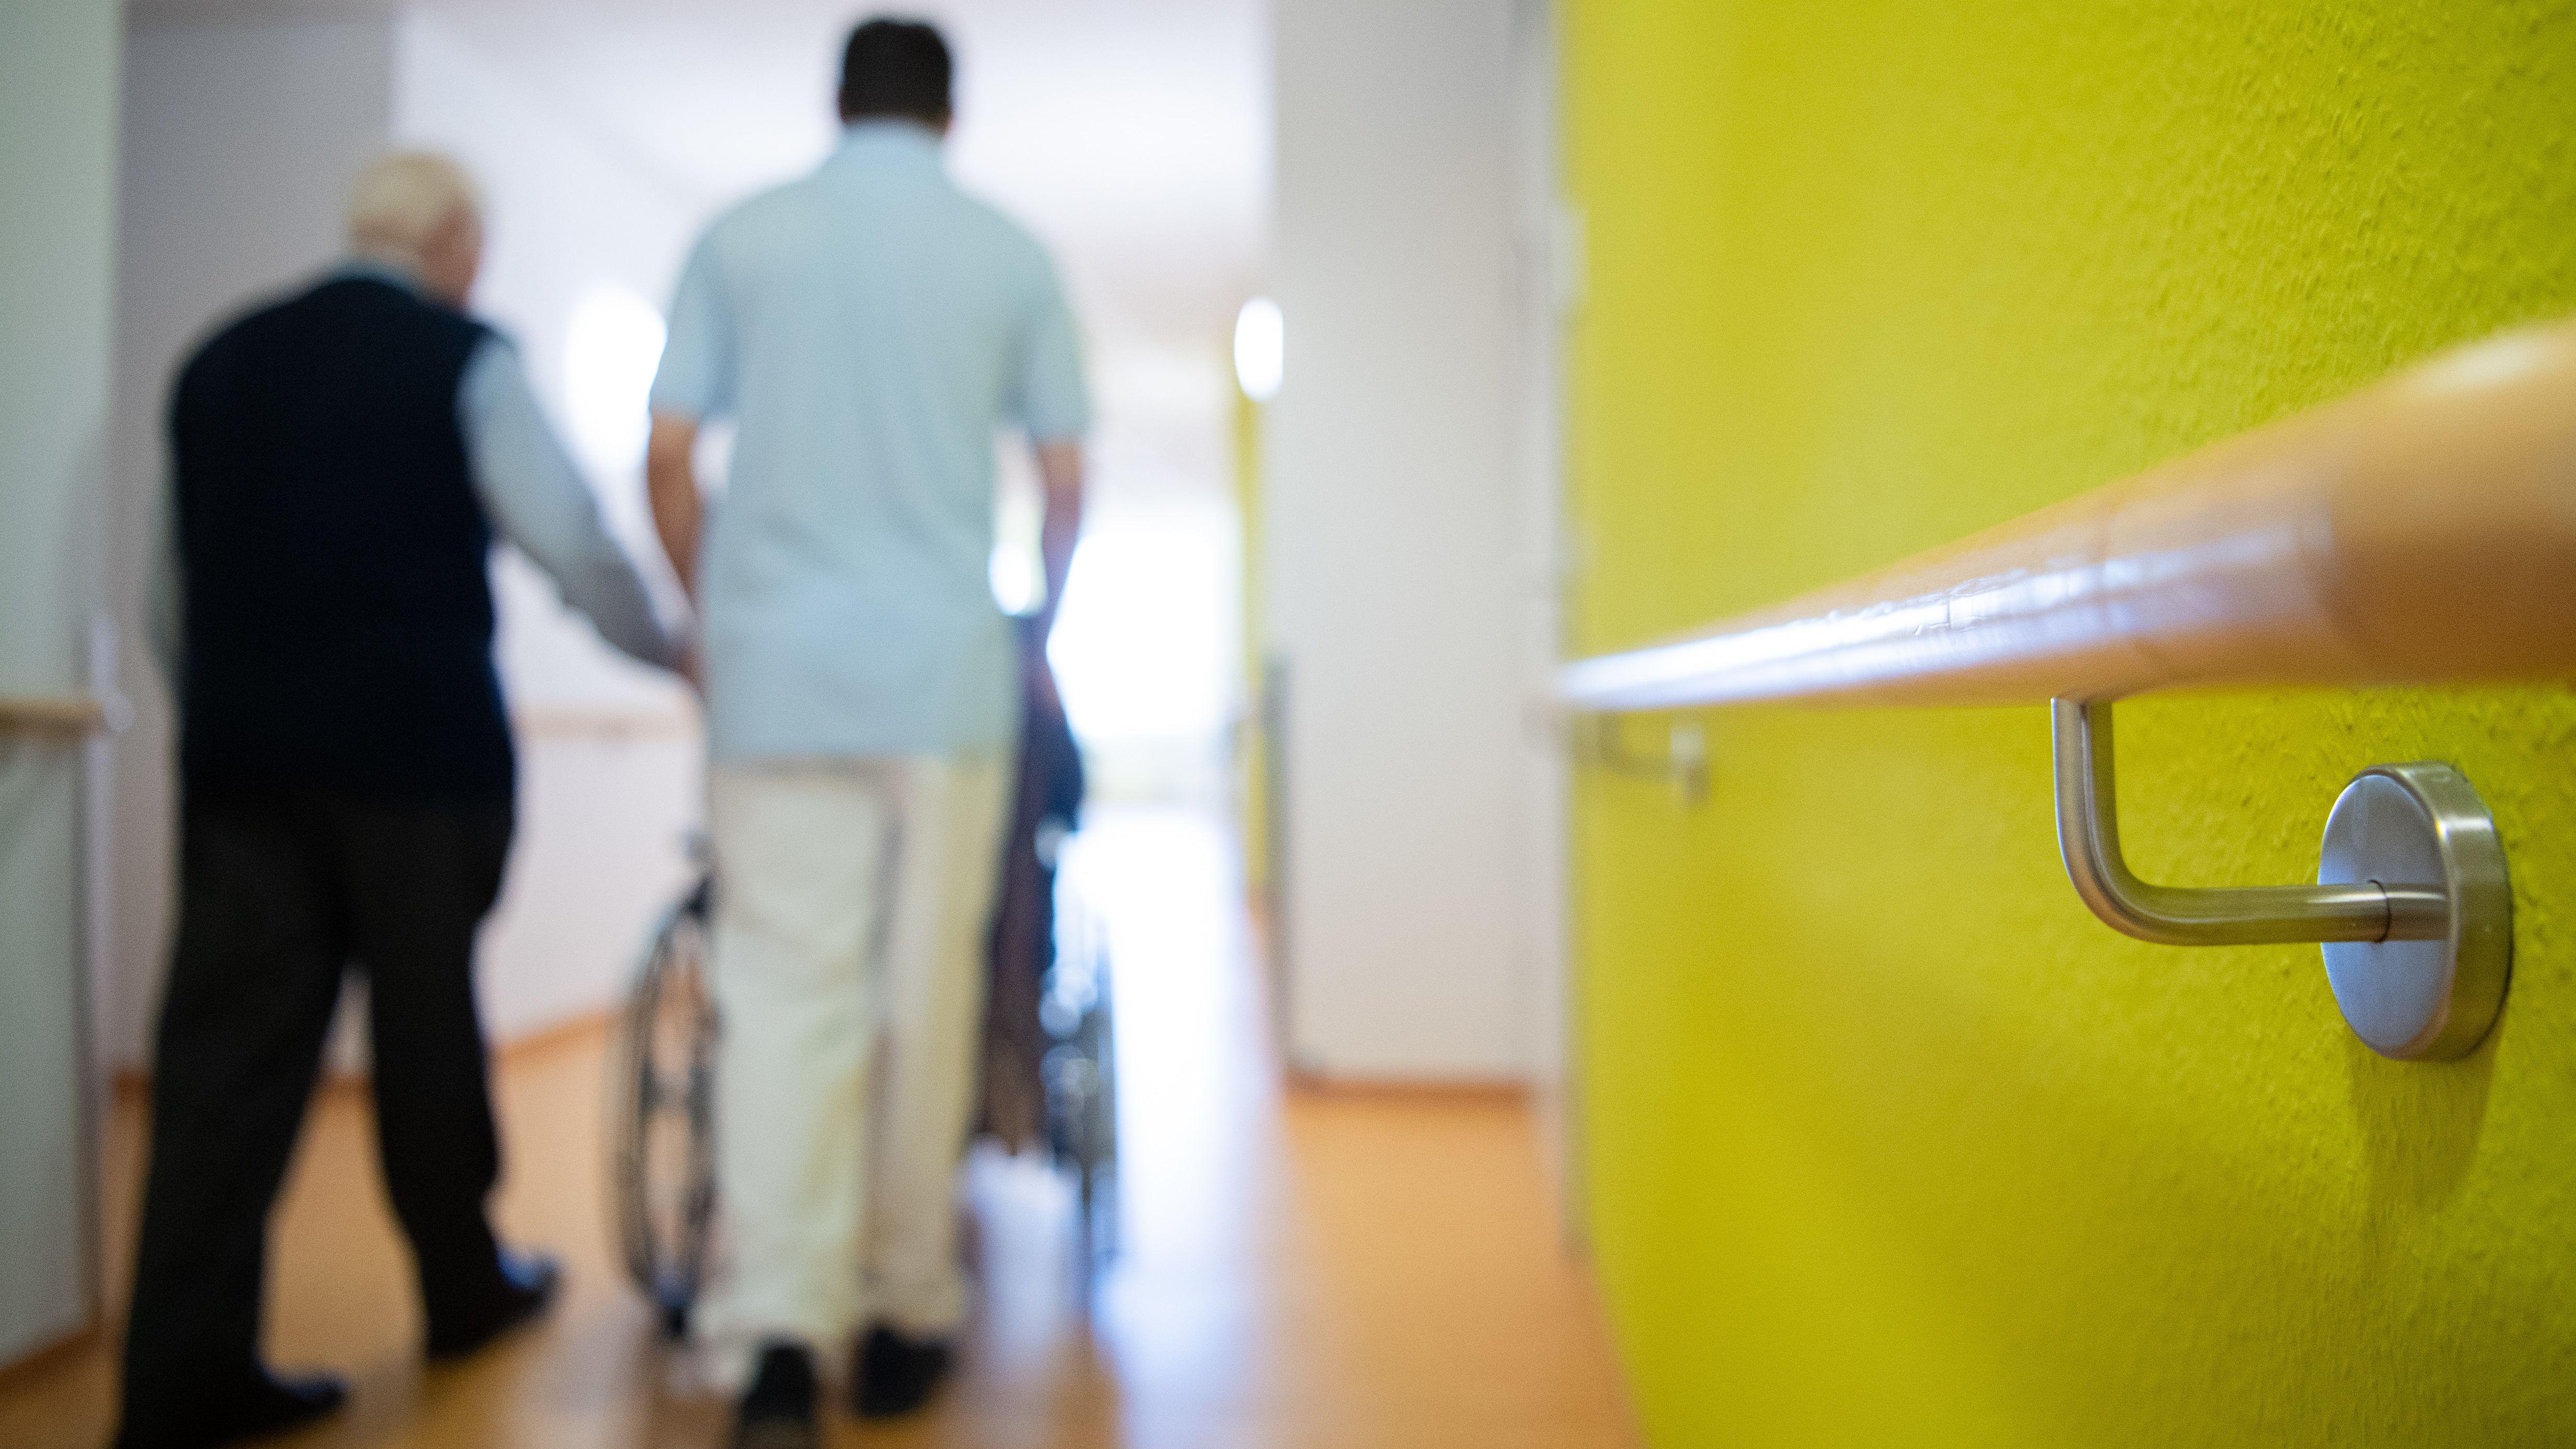 Ein Pfleger läuft zusammen mit einem Bewohner des Pflegeheims über den Flur und schiebt einen Rollstuhl.